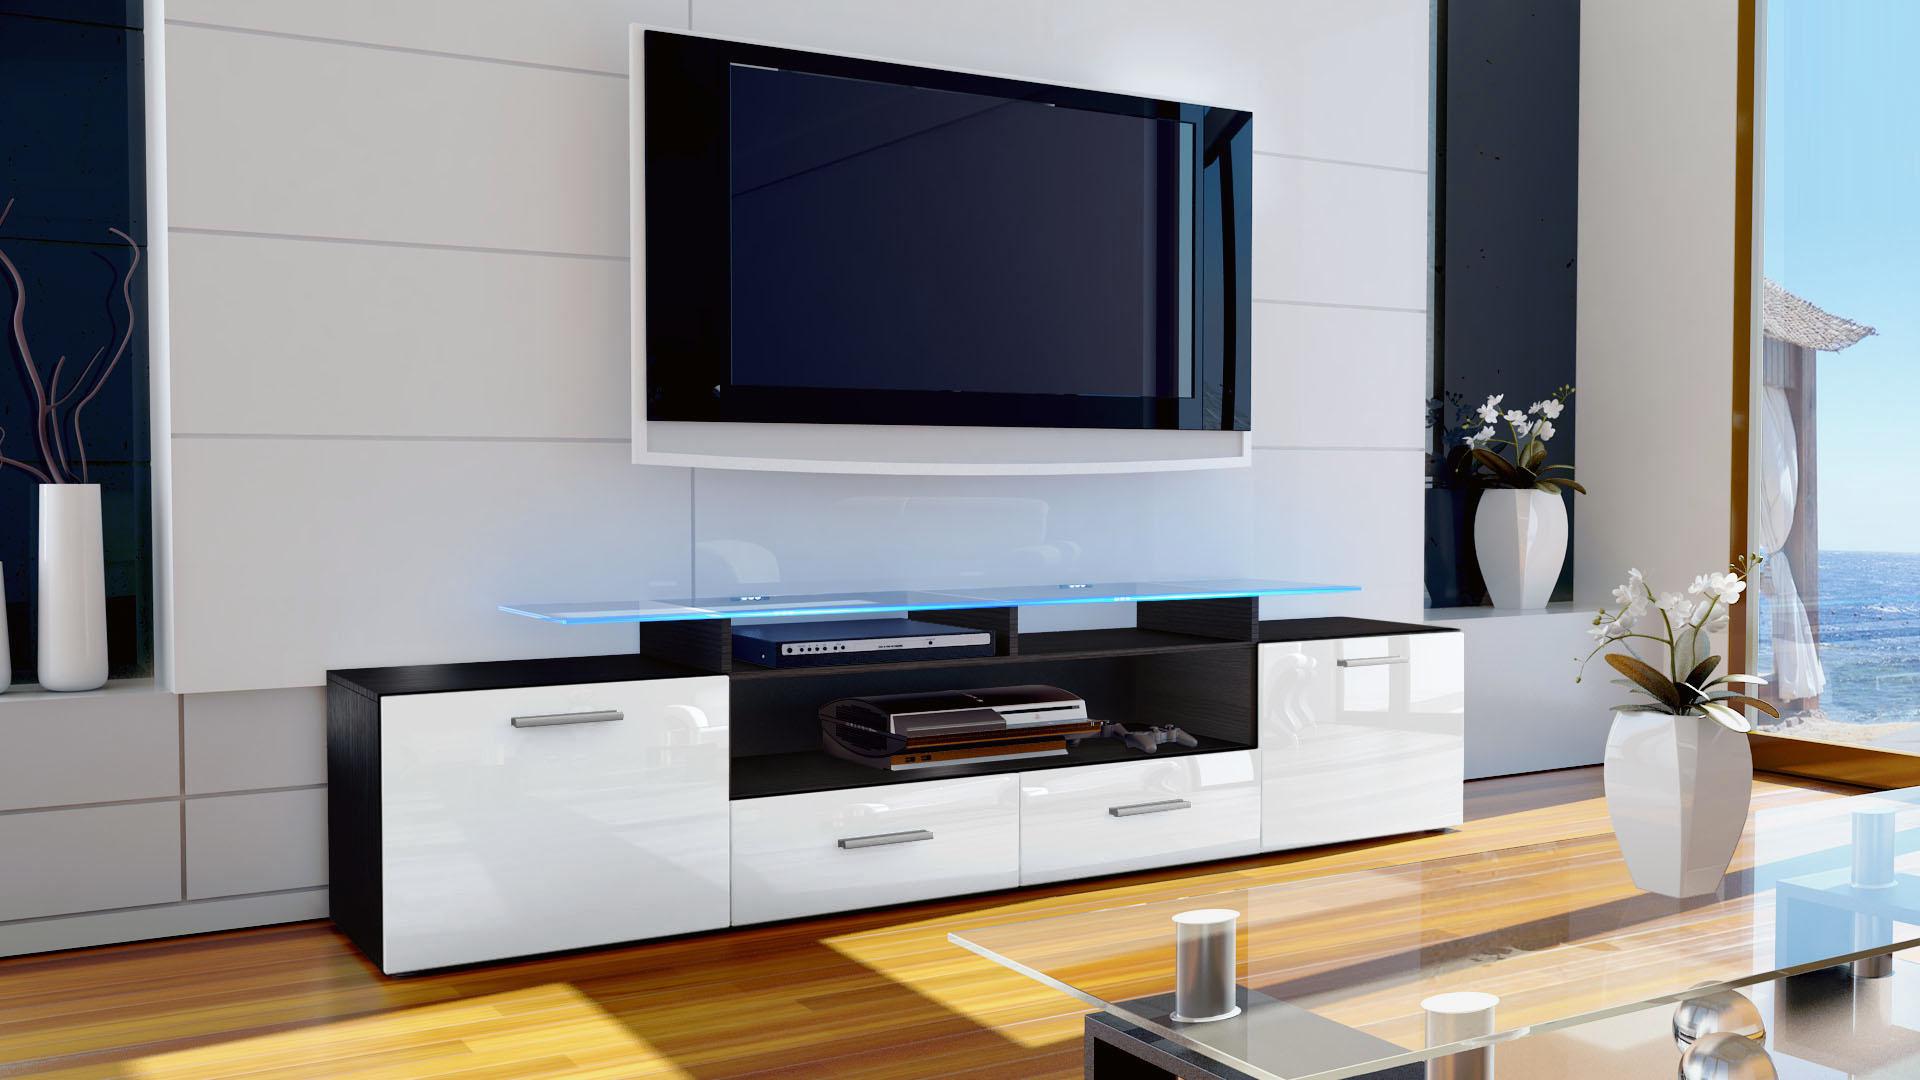 Armoire basse meuble tv almada v2 en noir fa ades en for Meuble tv armoire